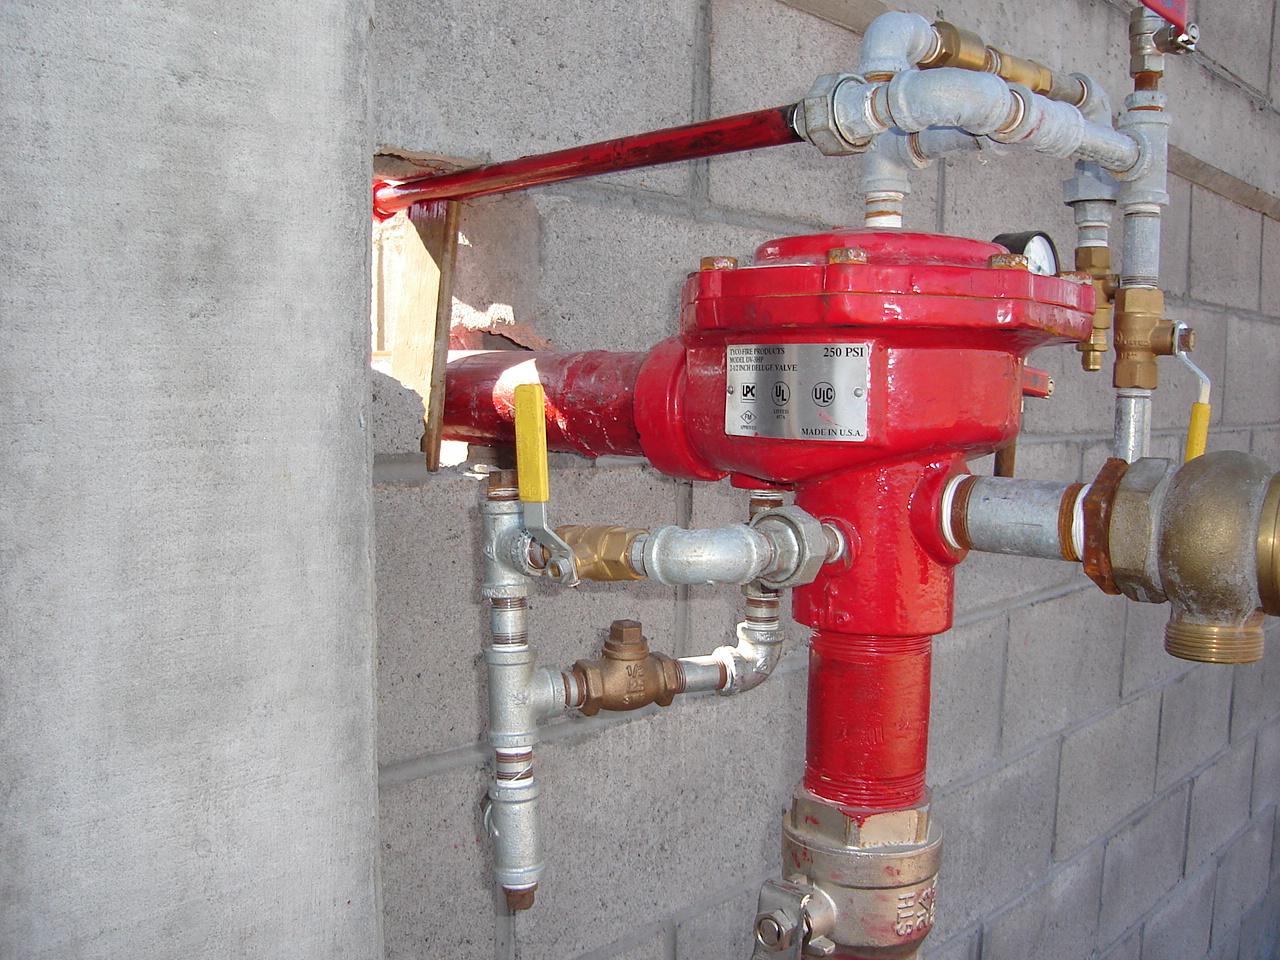 Valvula de diluvio para sistema contra incendios